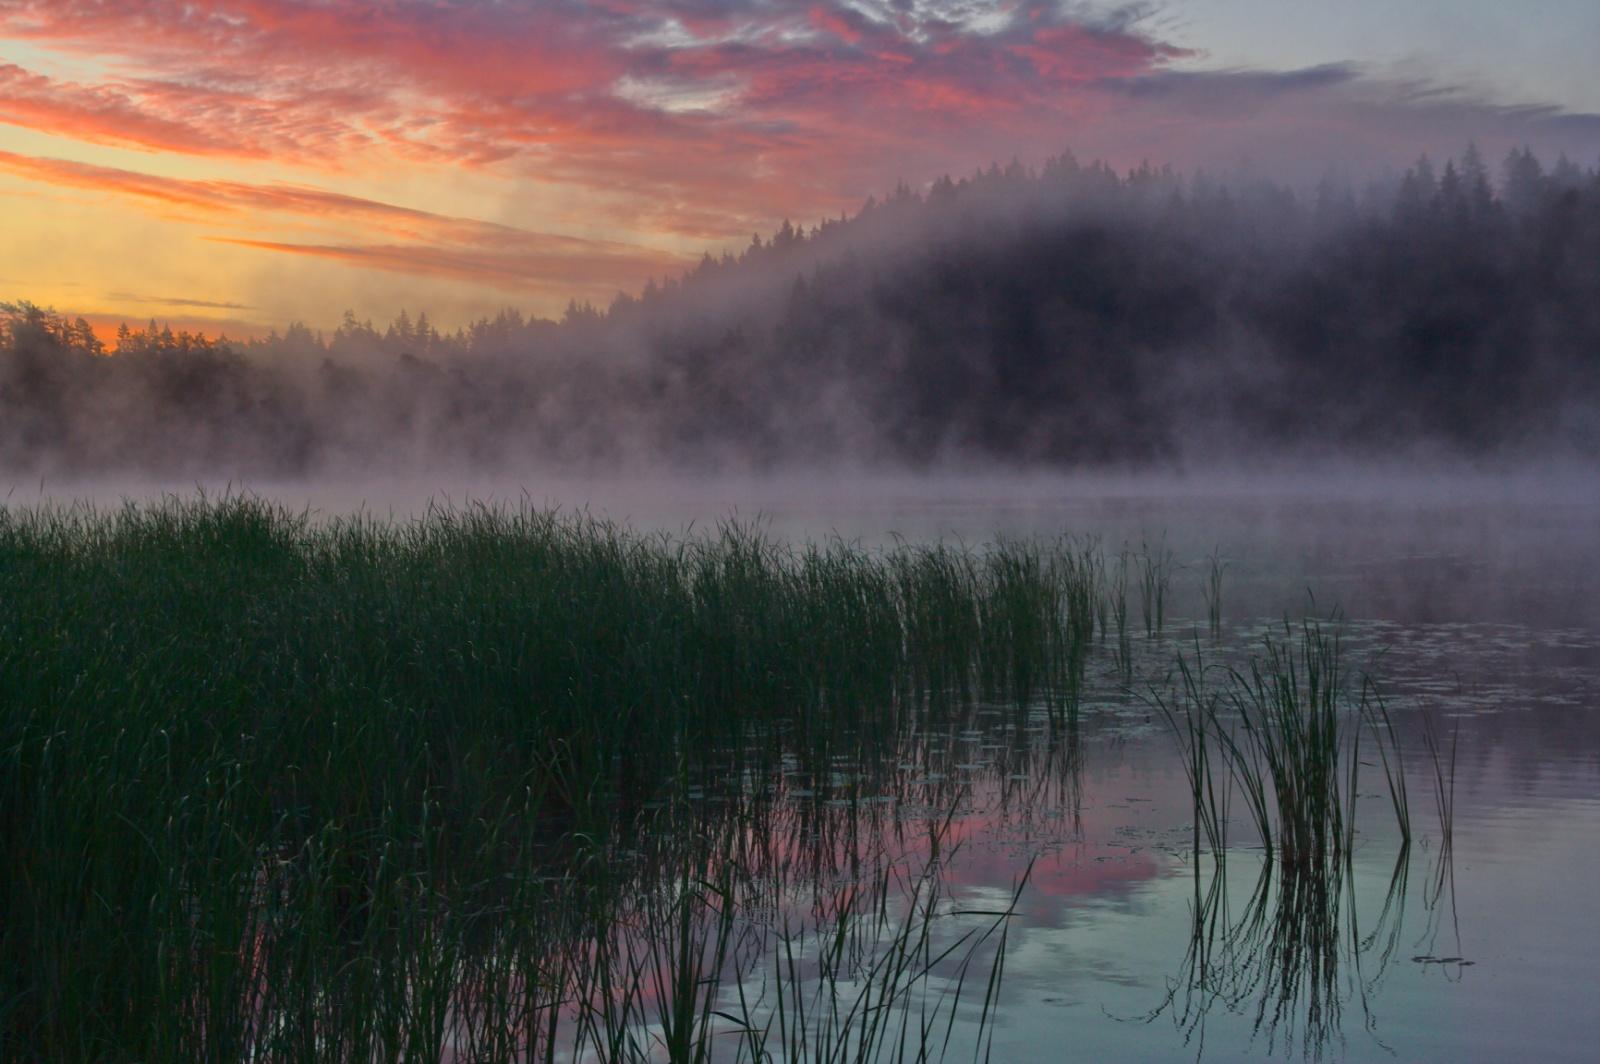 Early morning fantasy